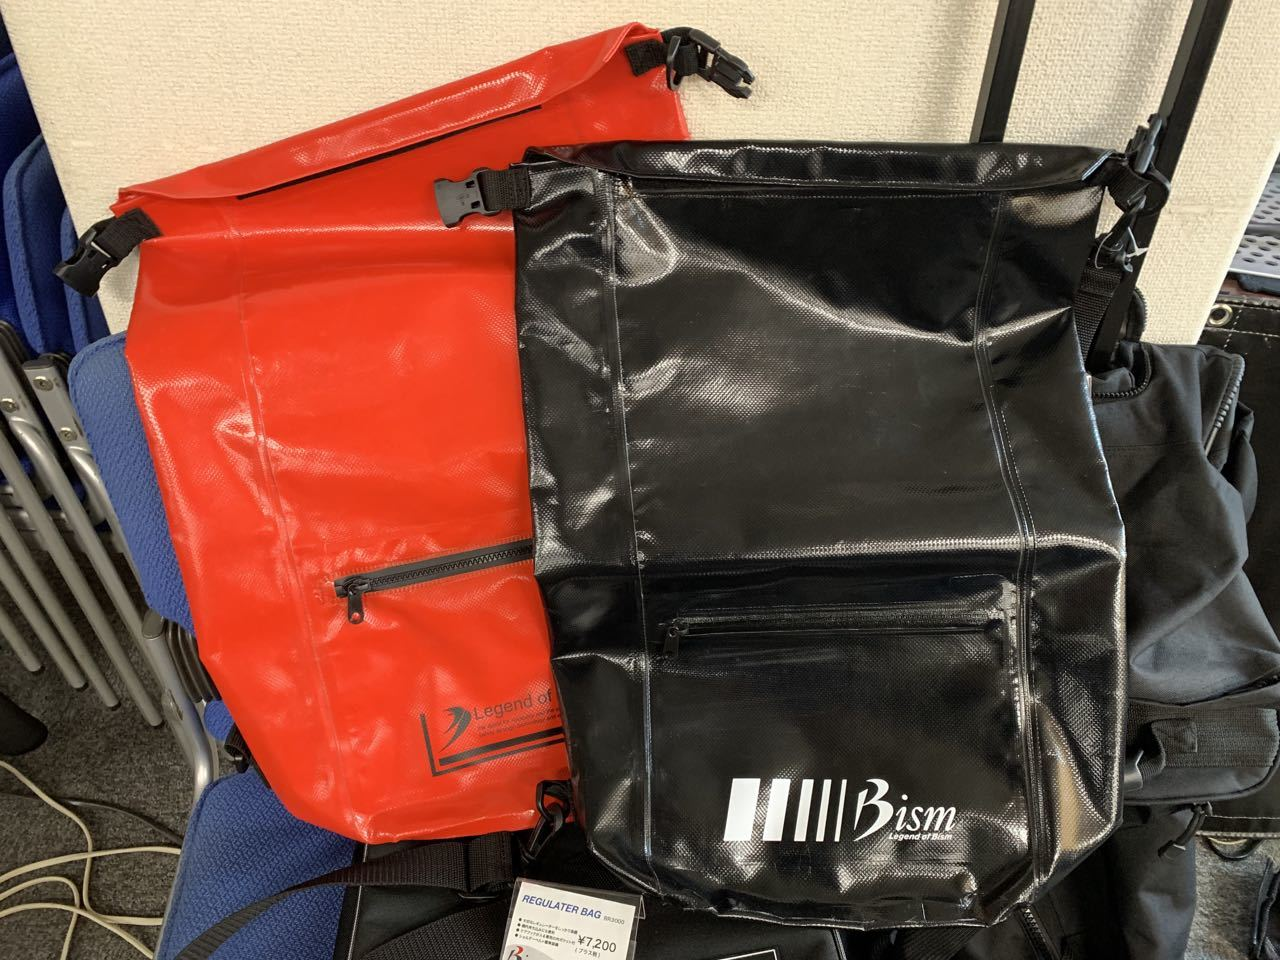 ひさしぶりの大阪 ダイビング器材メーカーの展示会_d0115650_23152357.jpg